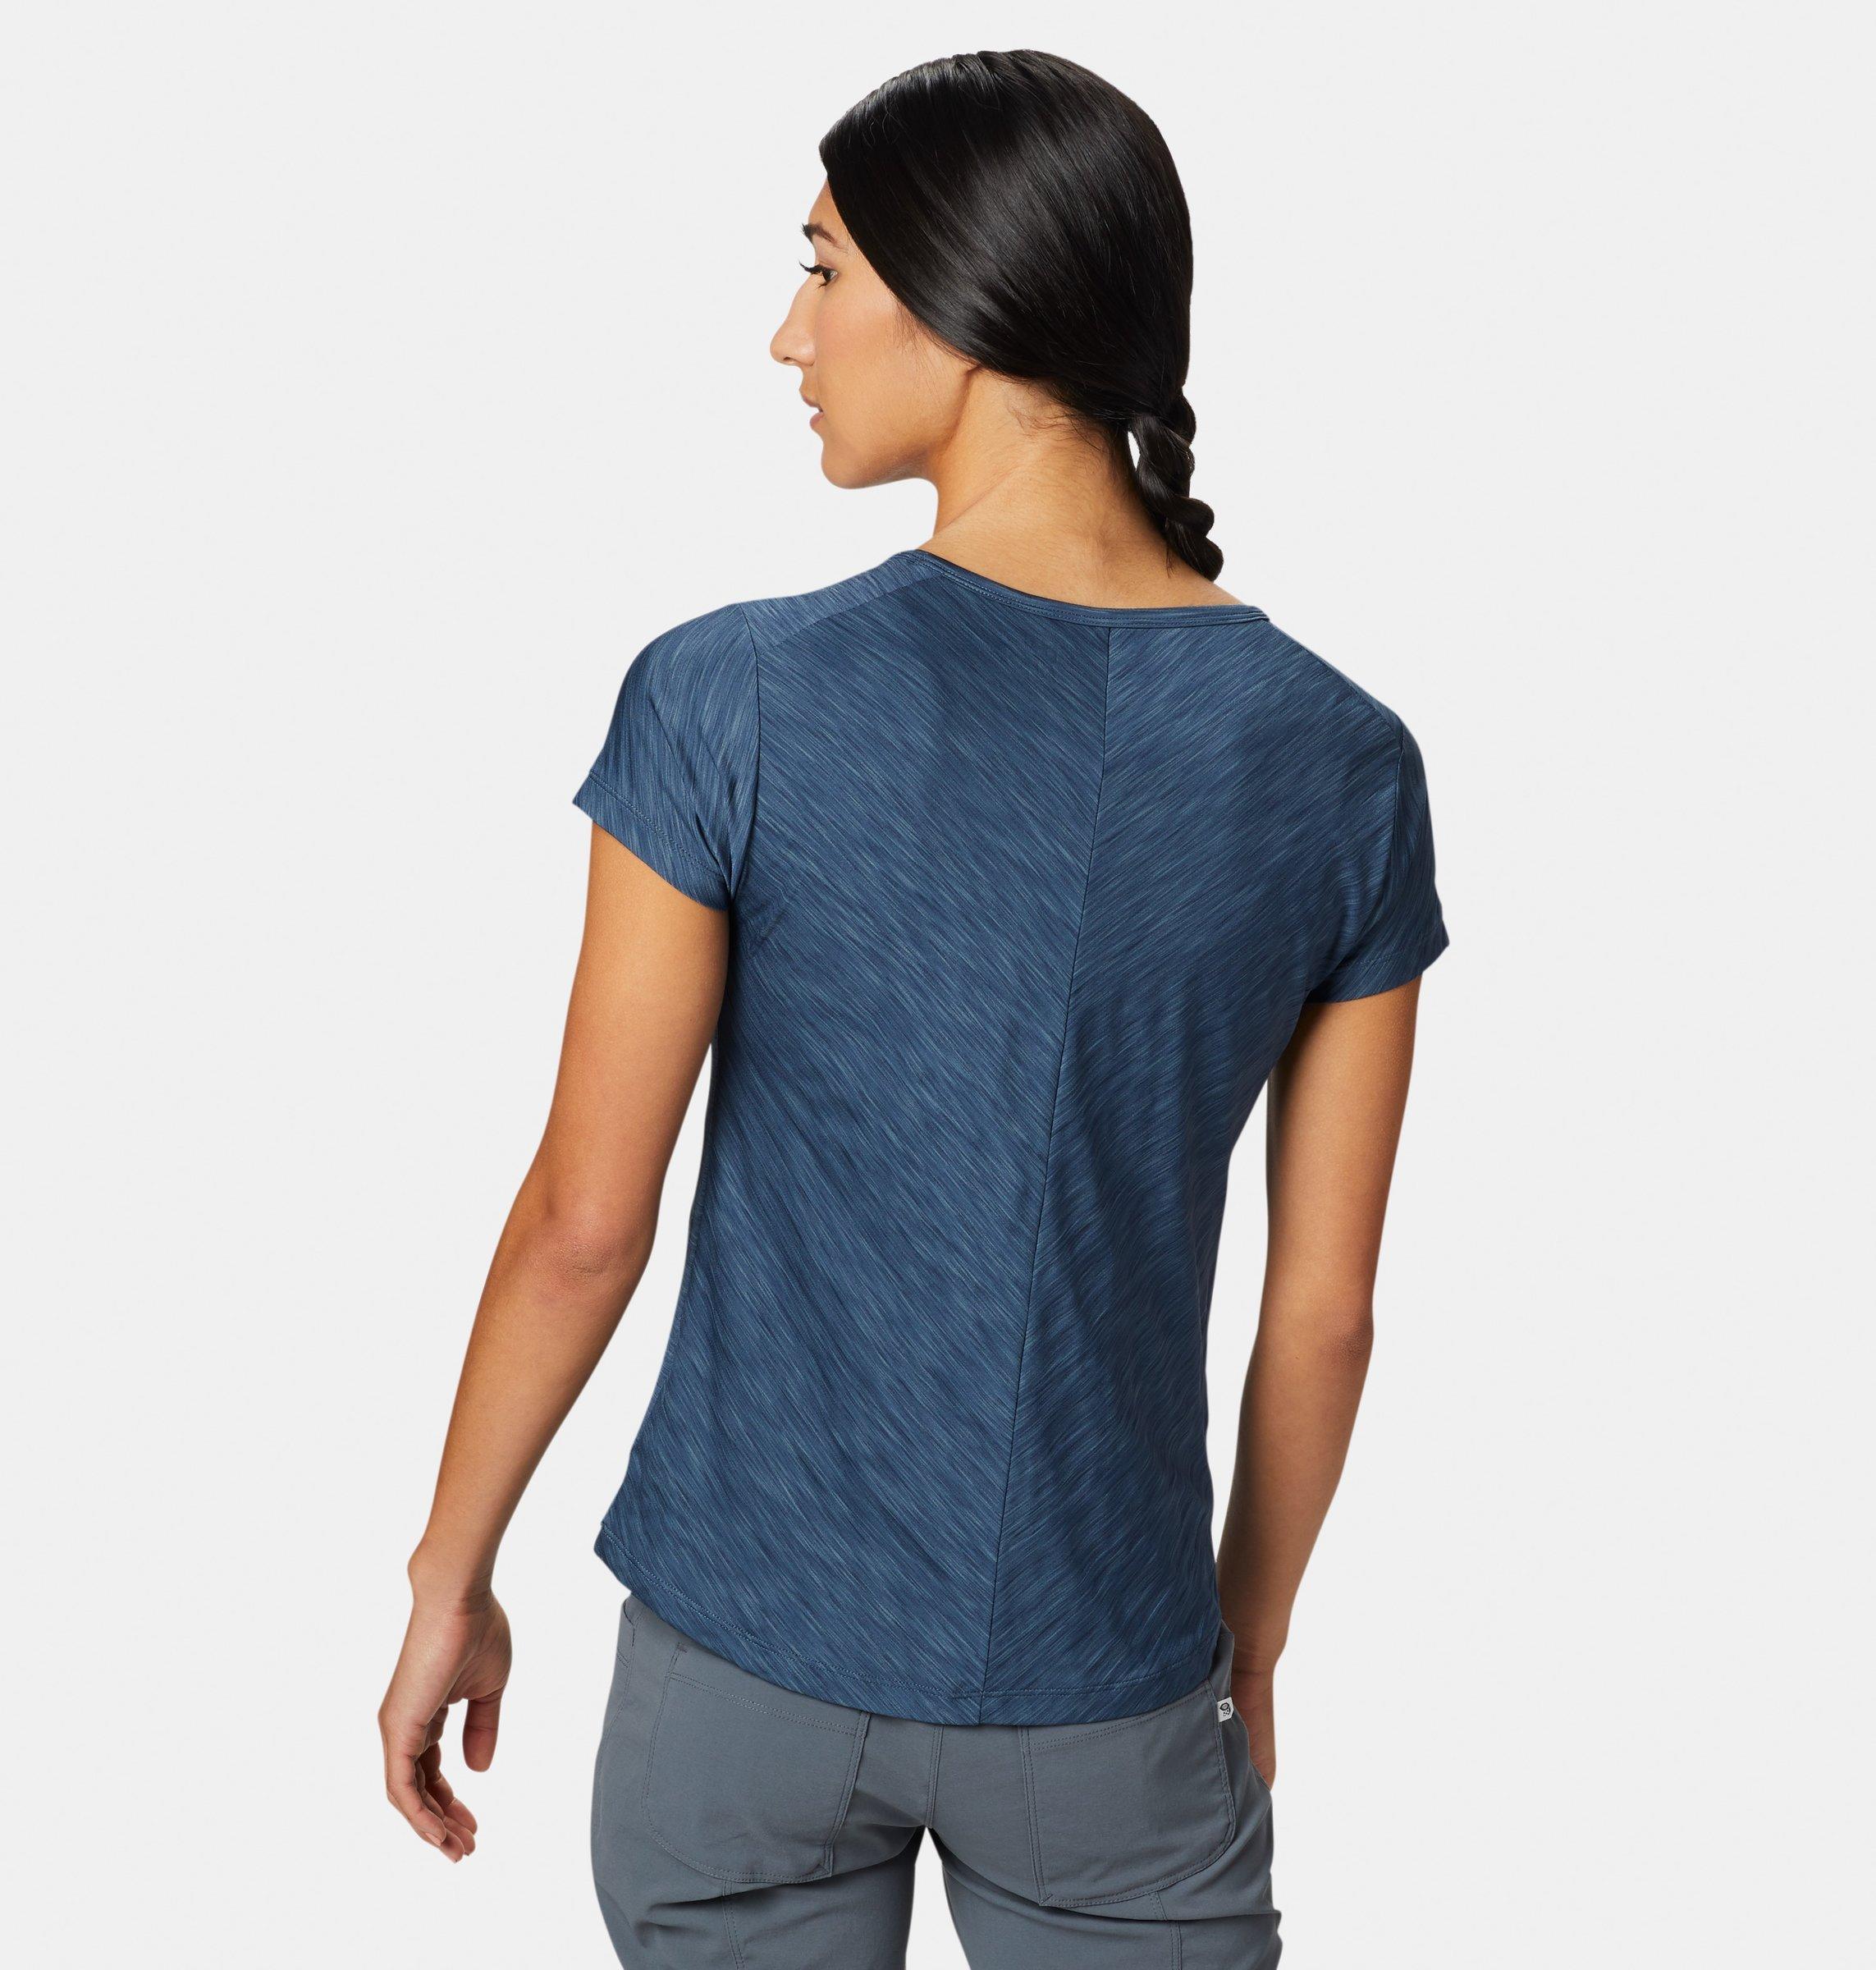 01c5f00ee384 Mountain Hardwear Mighty Stripe™ Short Sleeve T-Shirt - Women's - Bushtukah